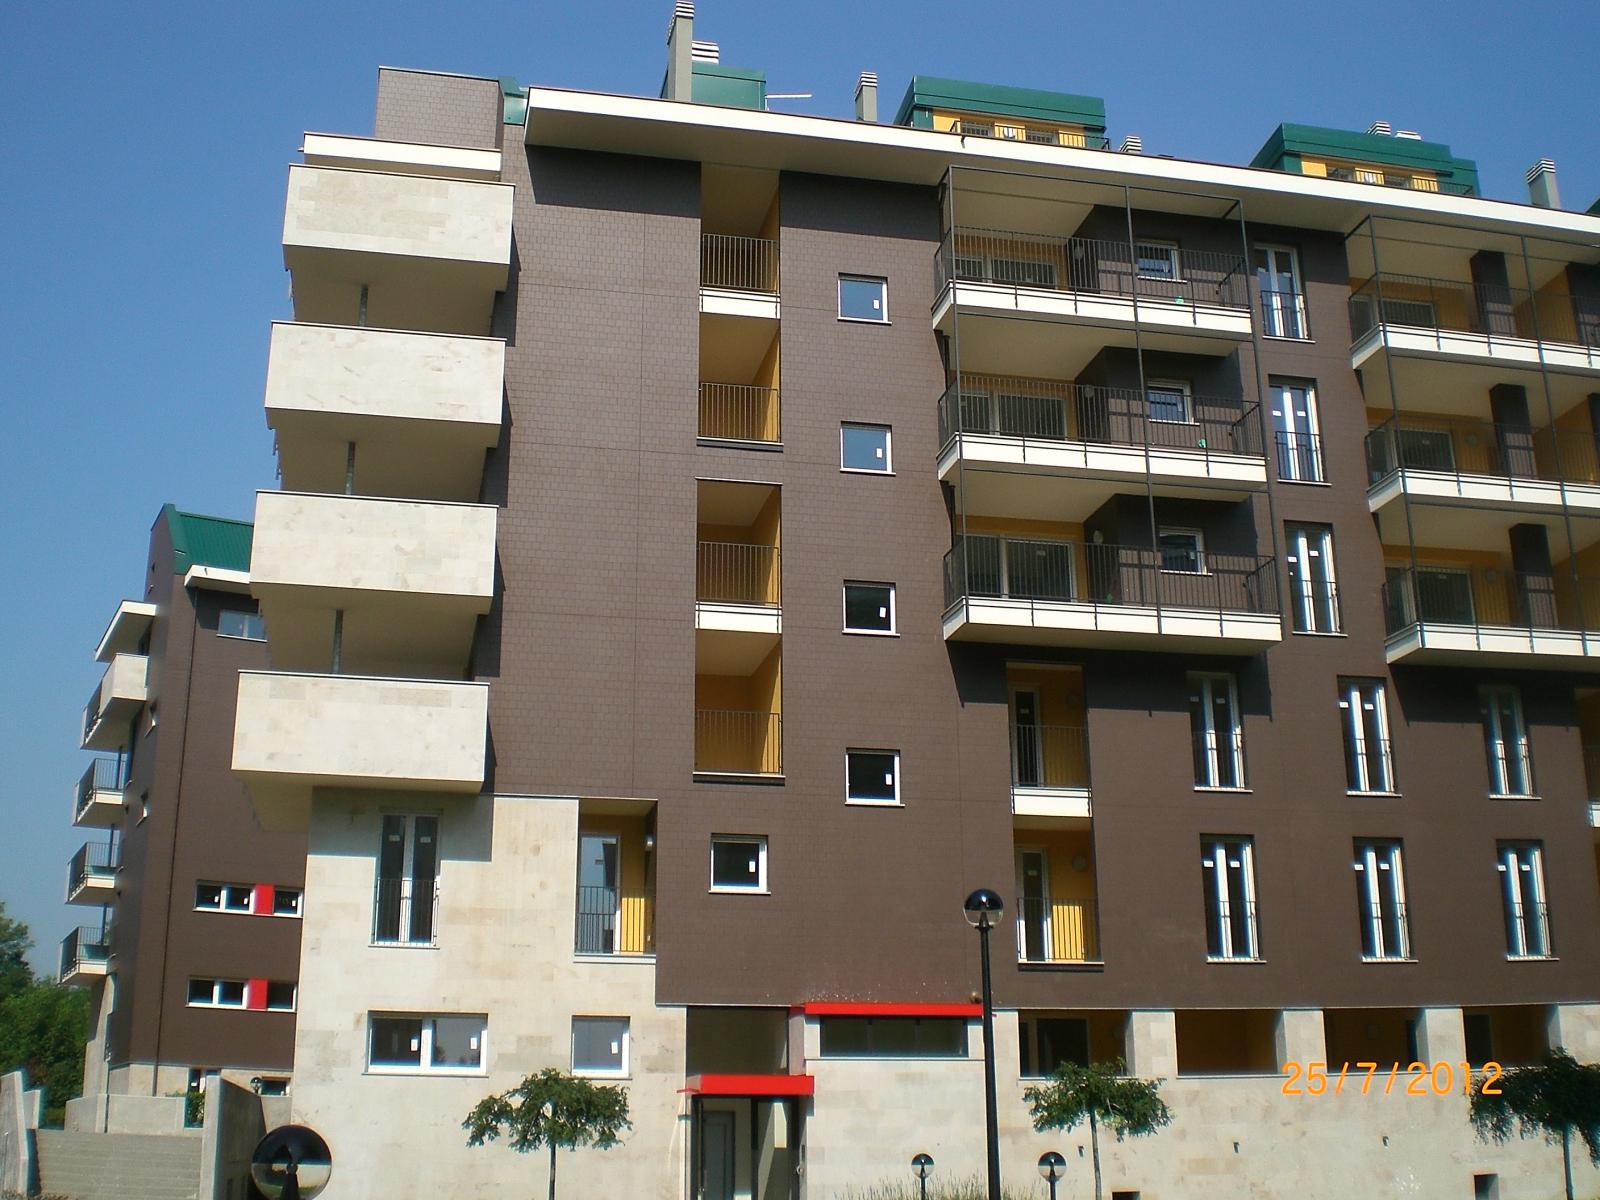 Edificio residenziale, Peschiera Borromeo